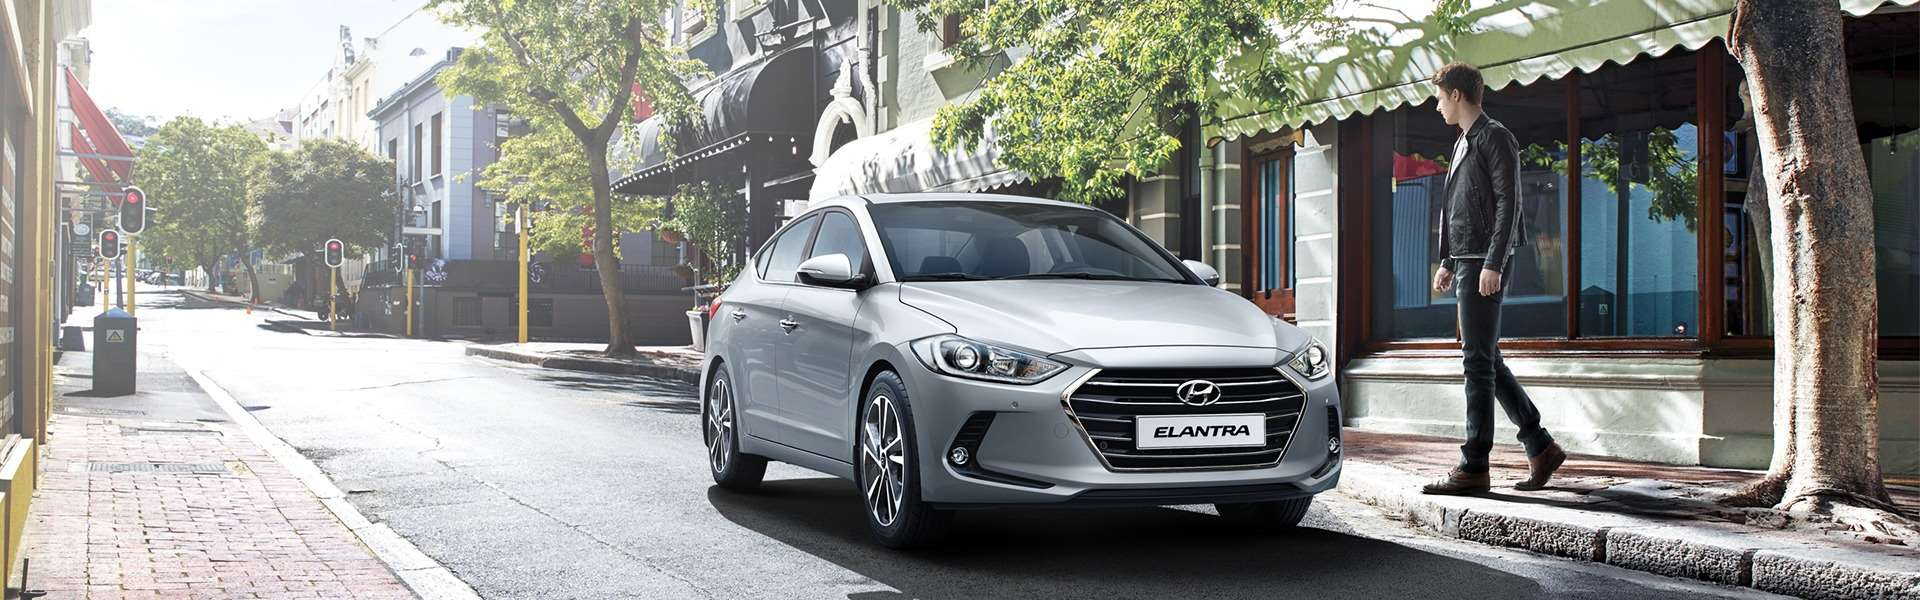 Непреодолимая уверенность с Hyundai Elantra